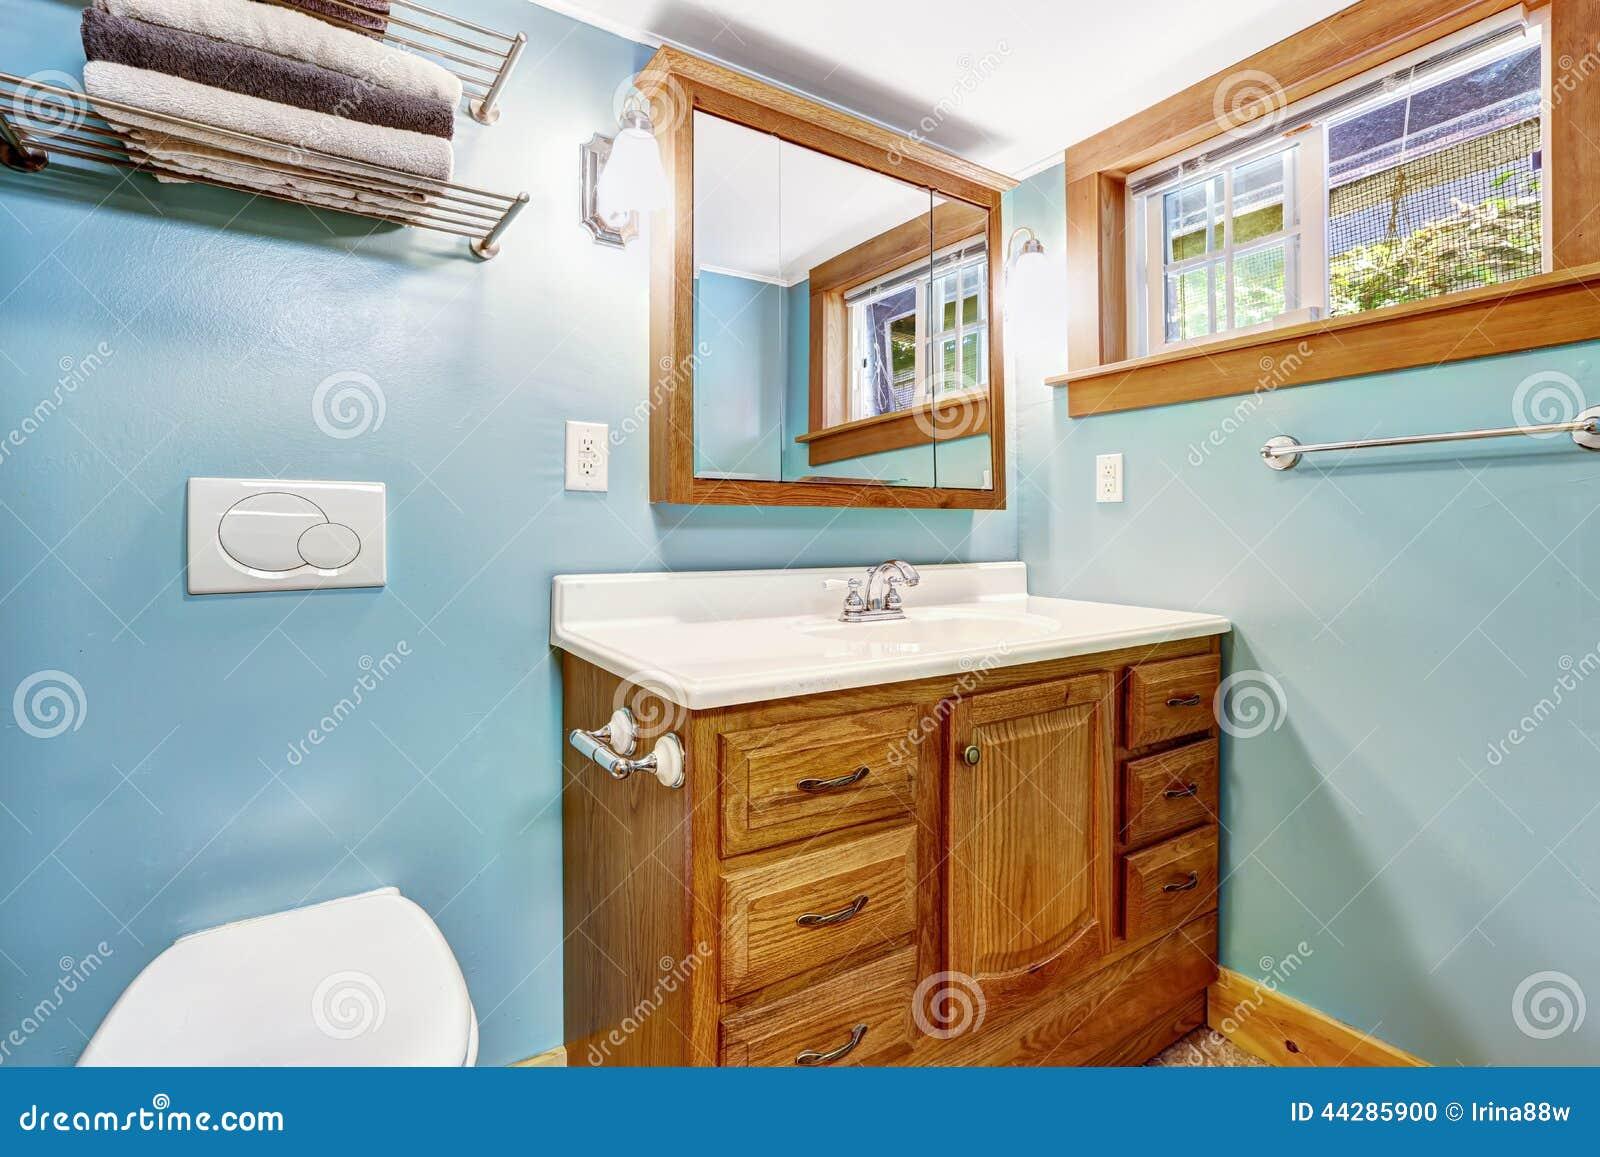 Salle De Bain Bleu Et Bois ~ int rieur bleu de salle de bains avec le coffret en bois de vanit